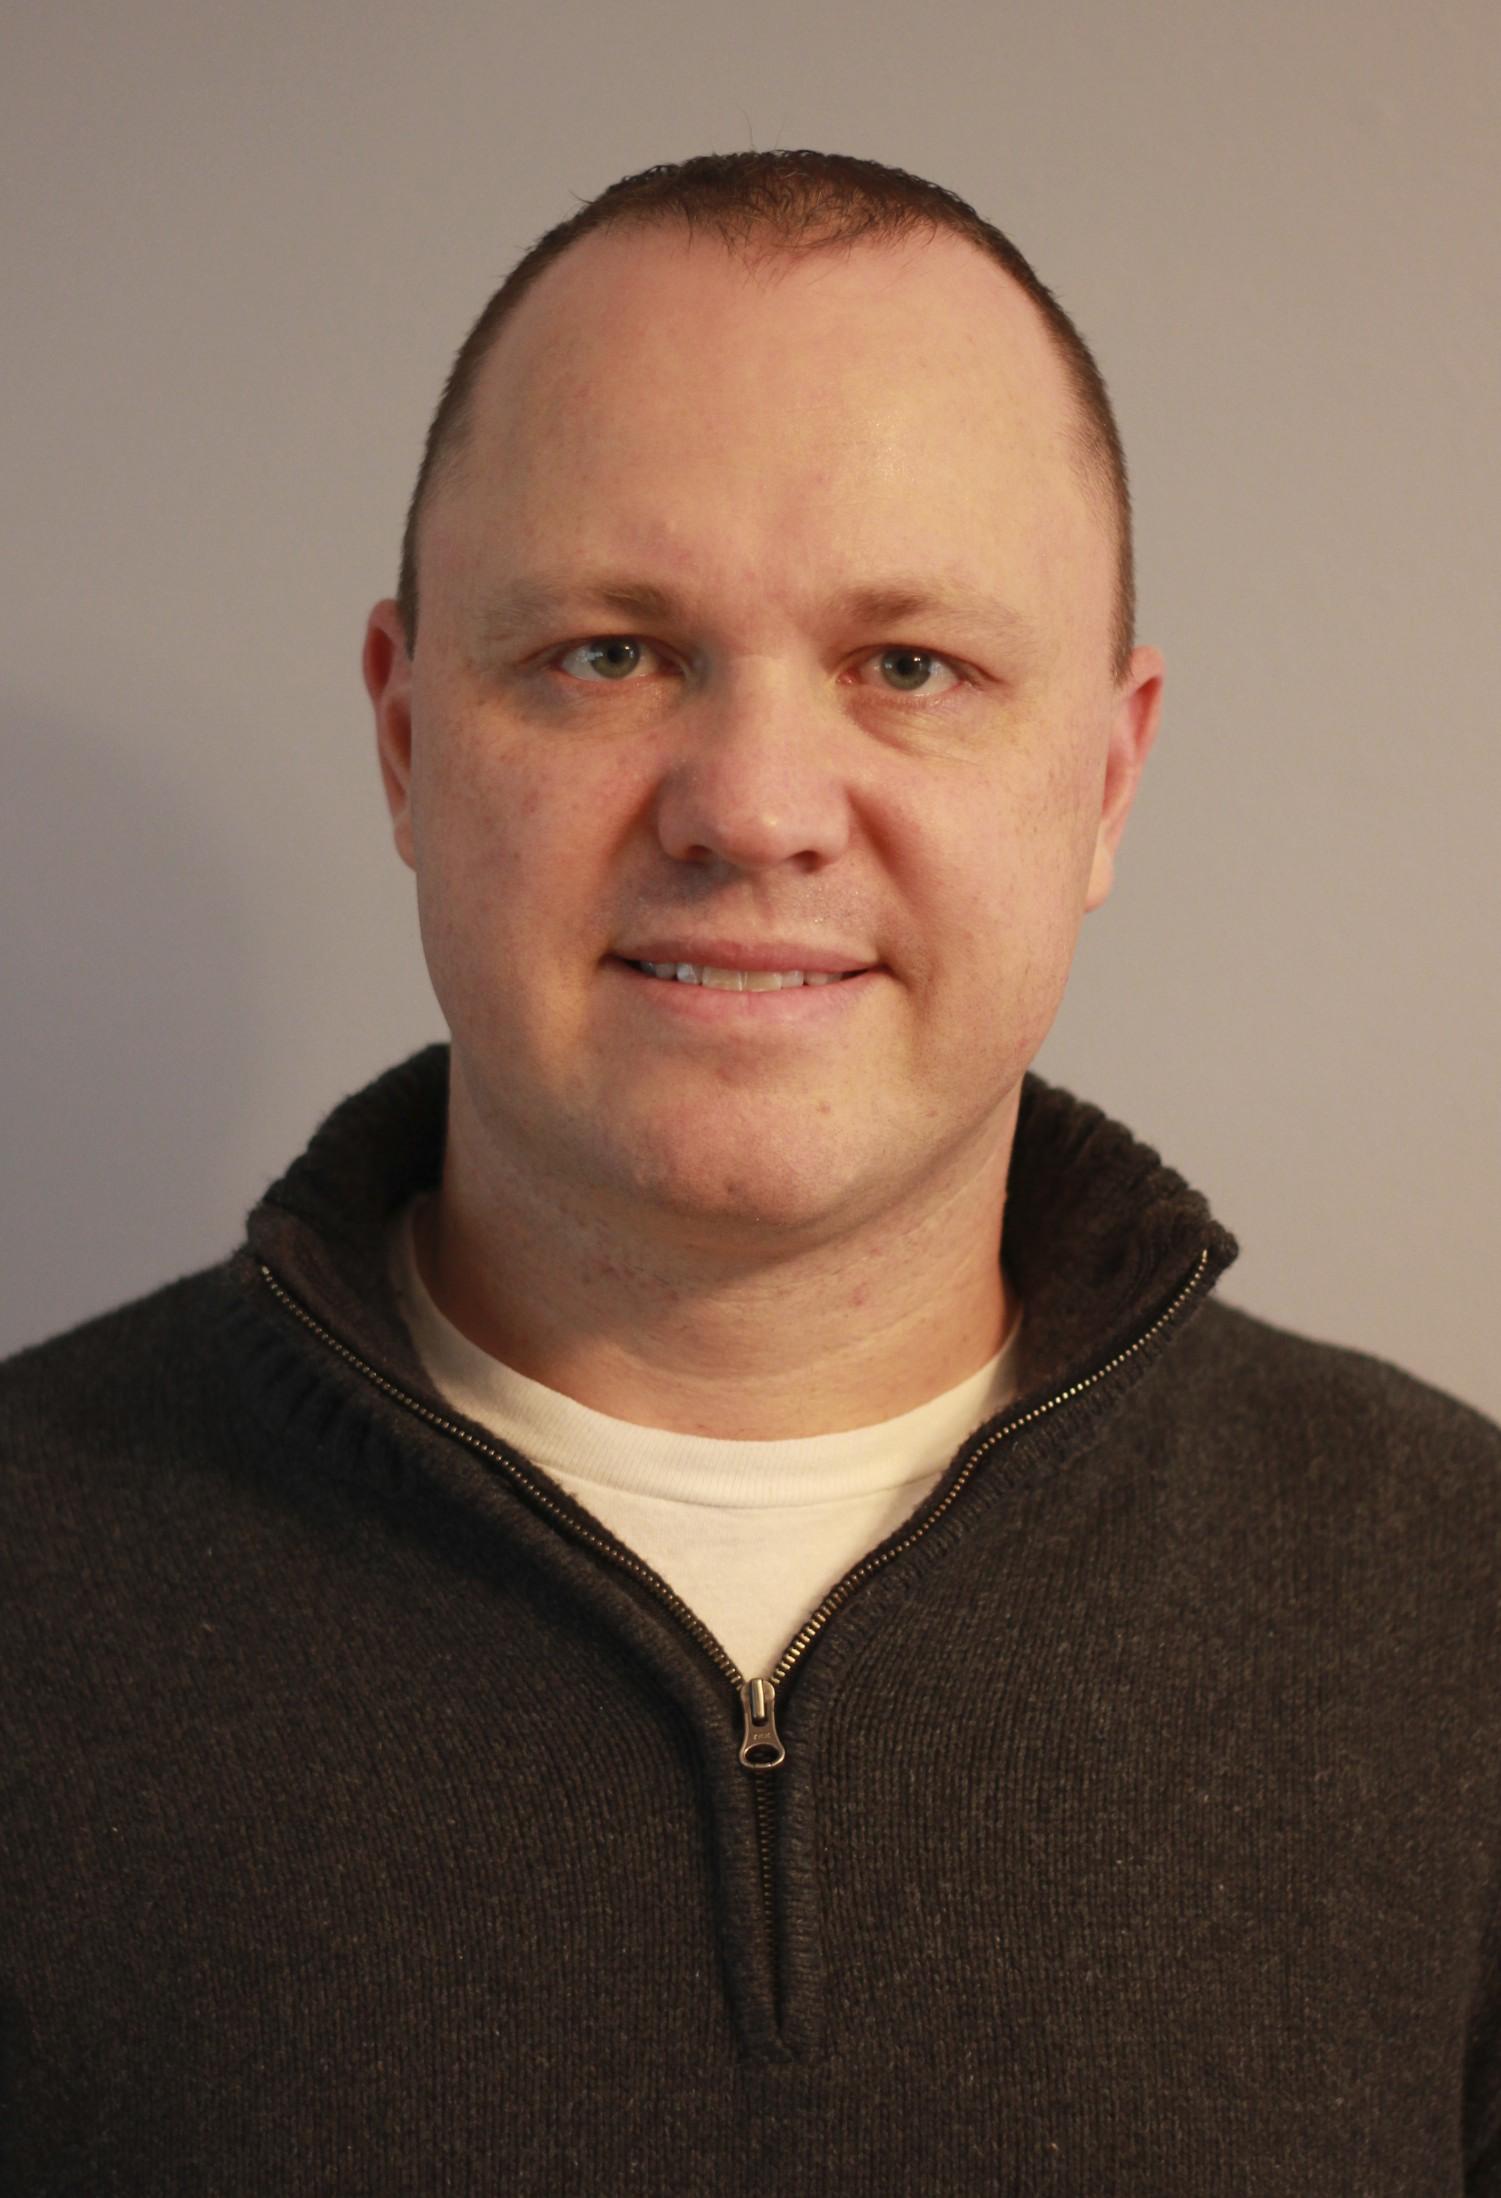 Dr. Ian Thornton